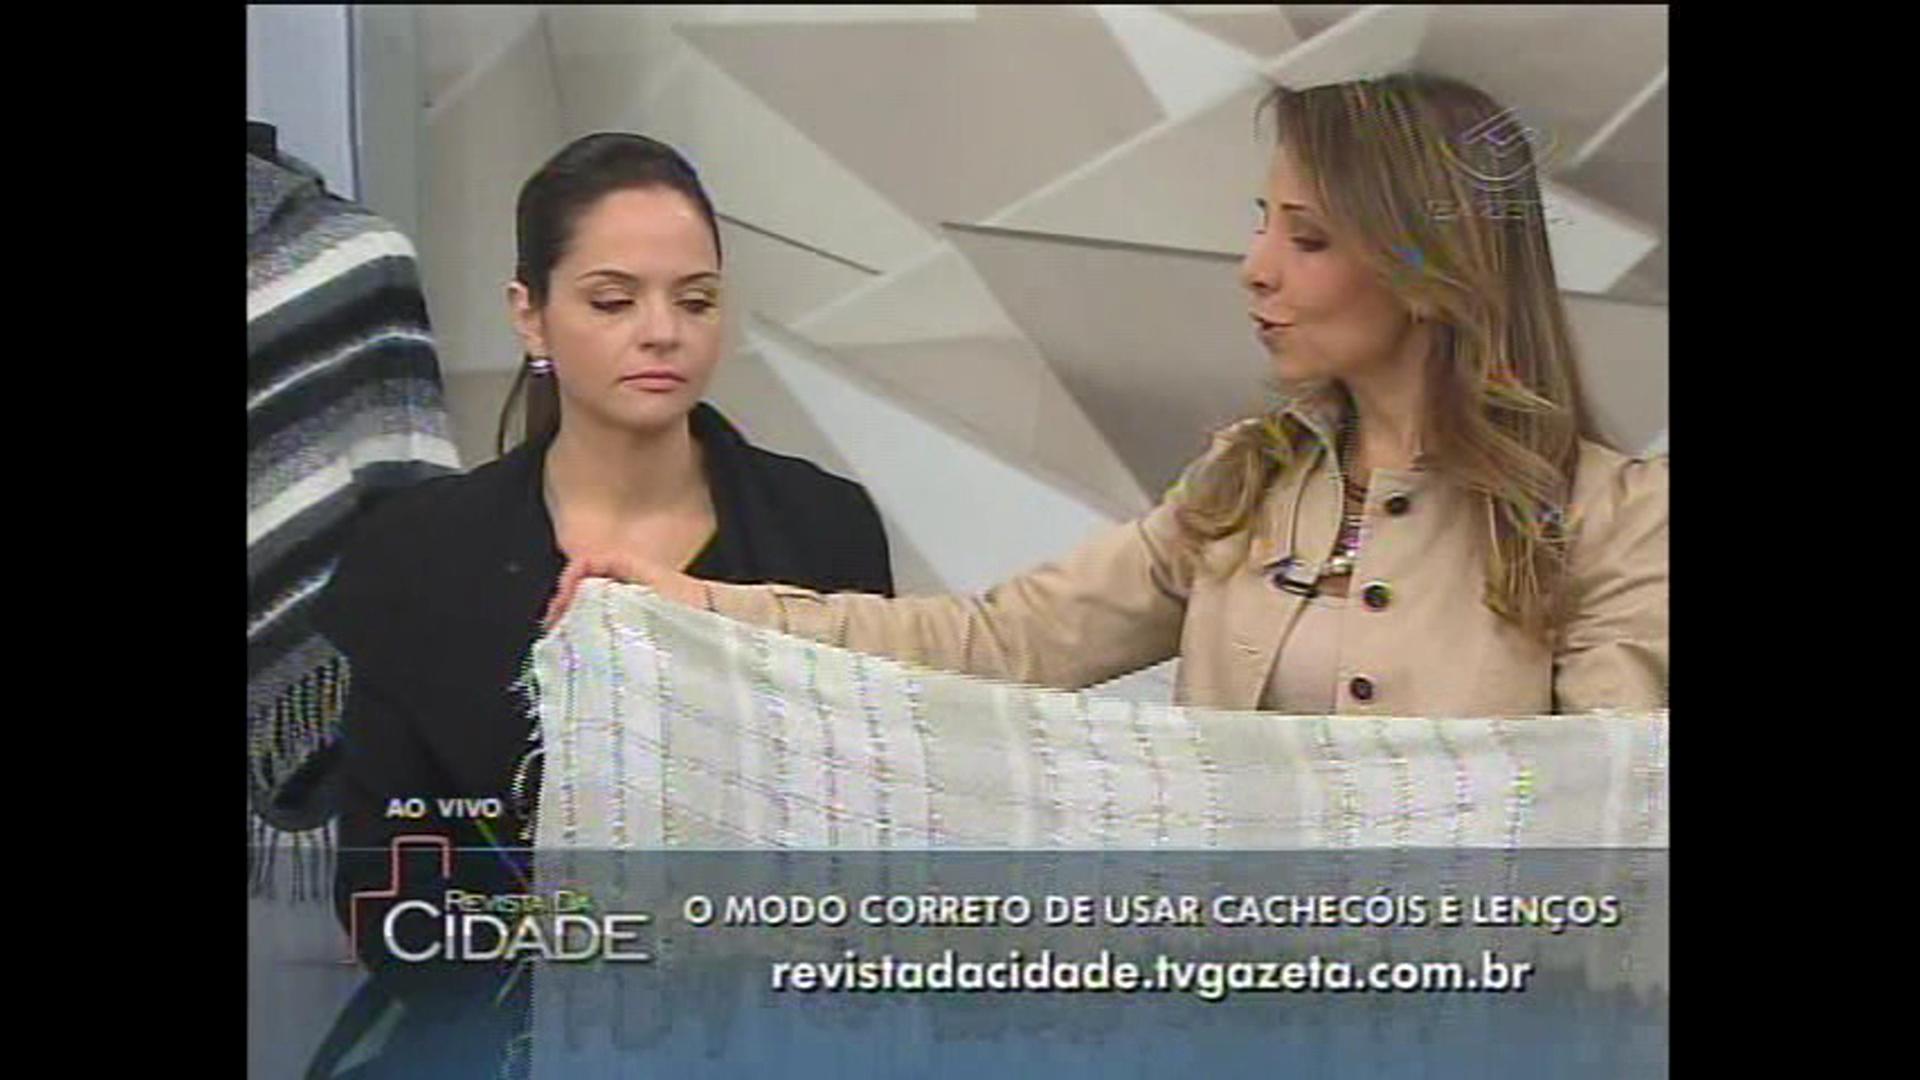 16/05/2012 Tv Gazeta – Revista da Cidade (Vídeo)